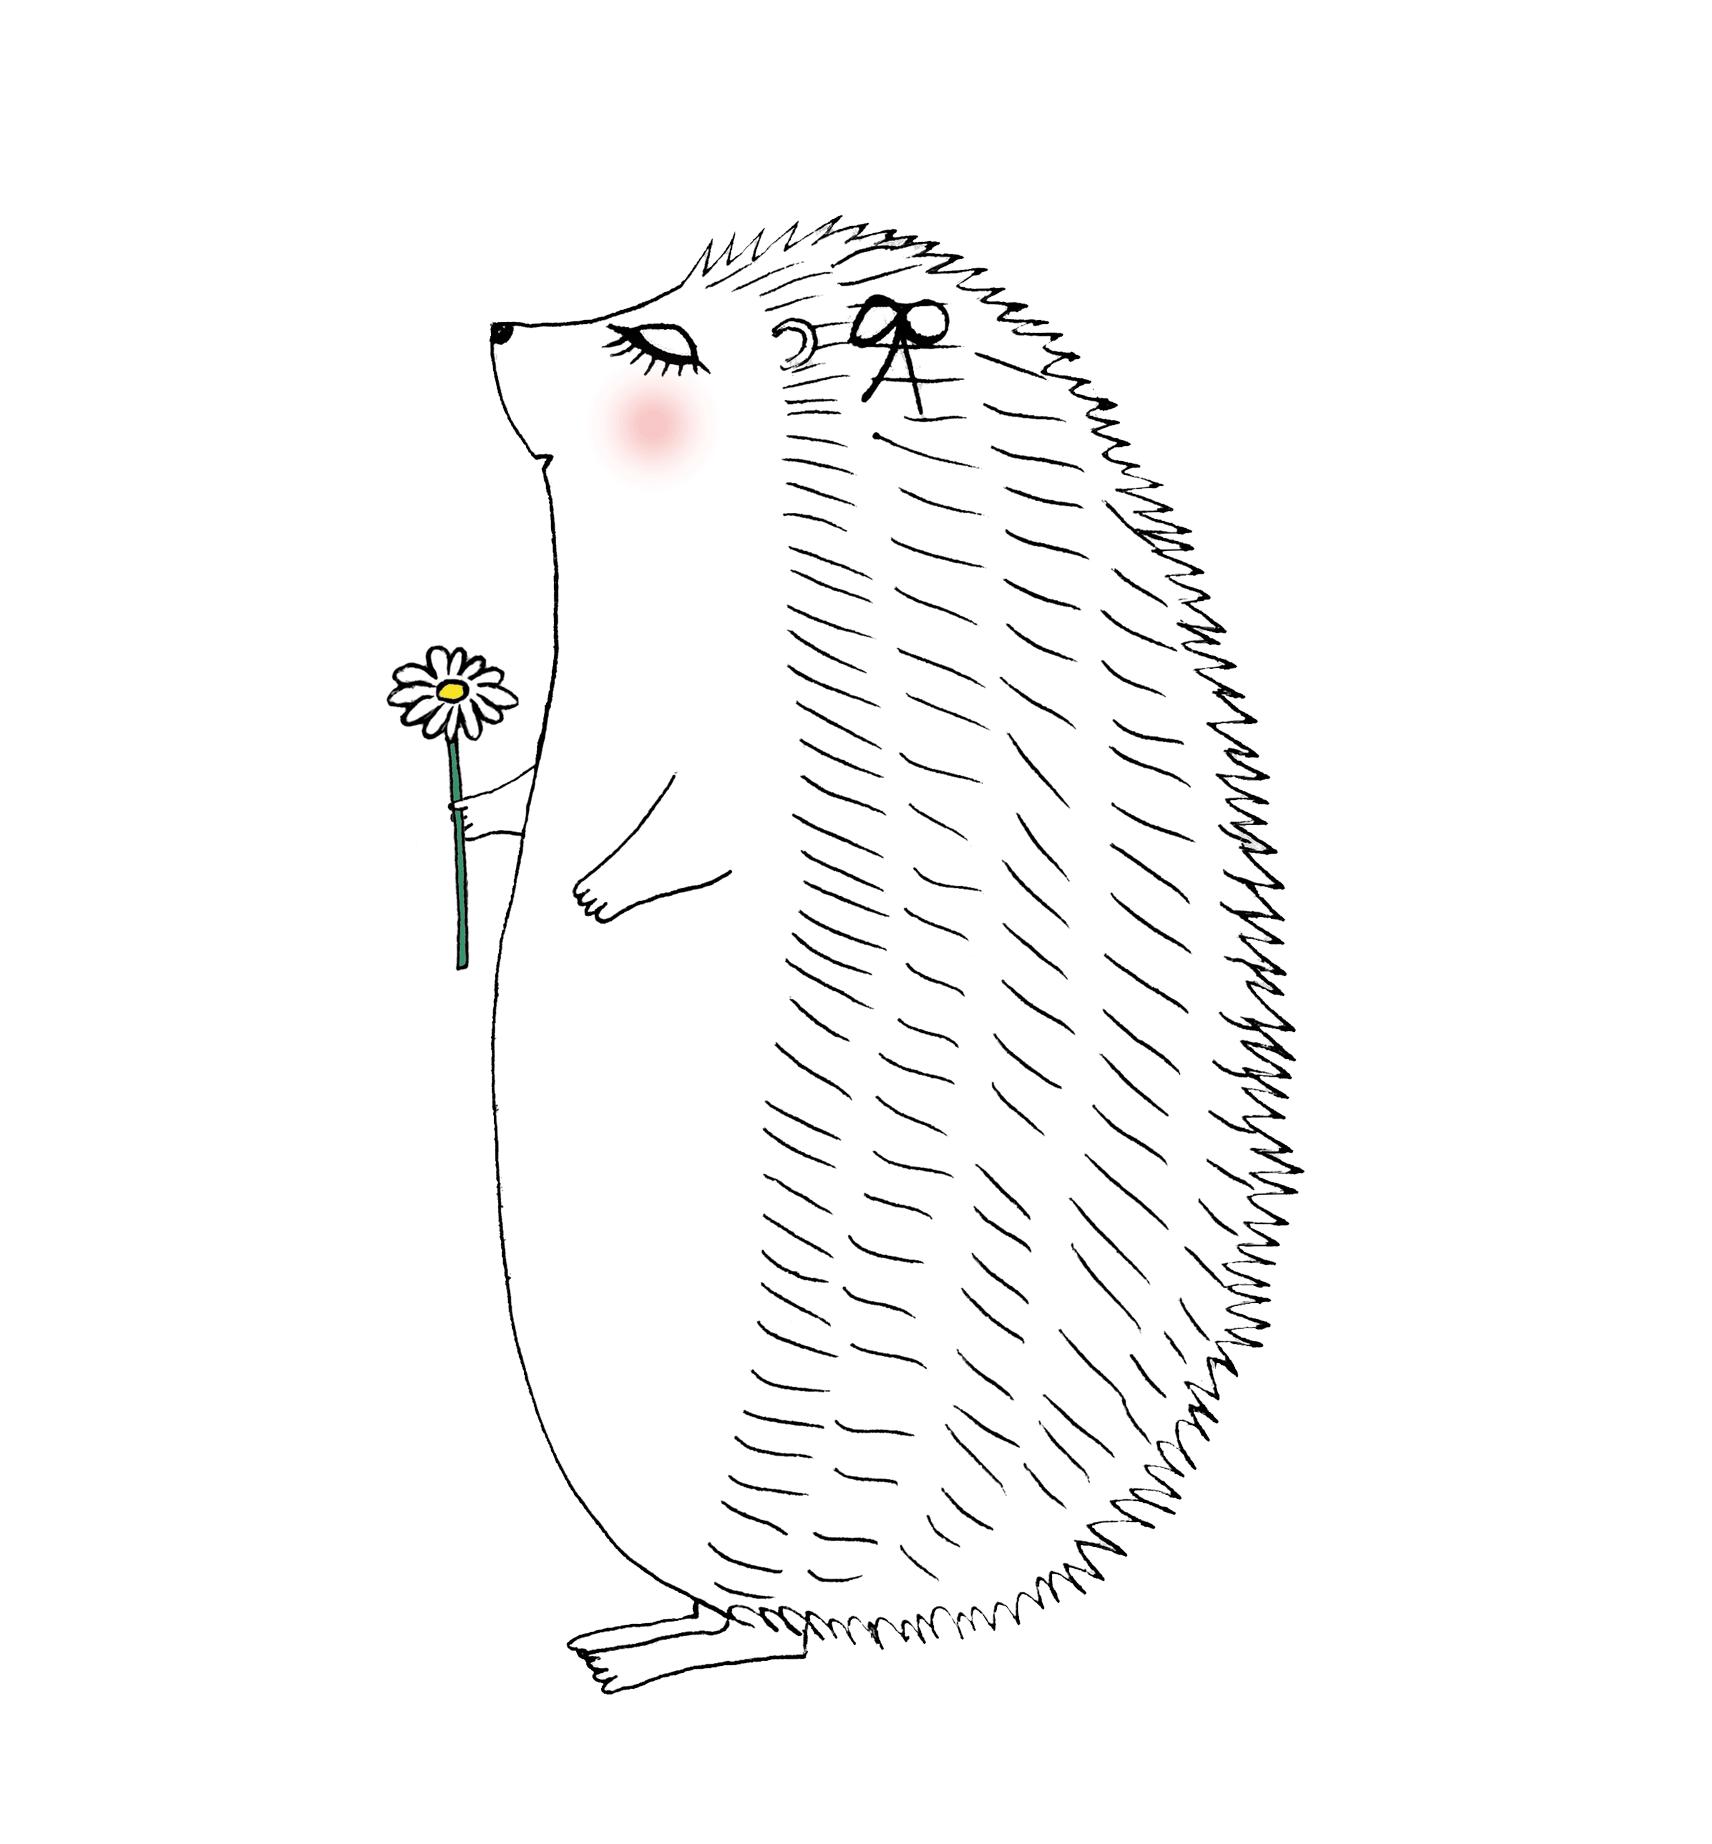 タンポポを持つハリネズミのイラスト